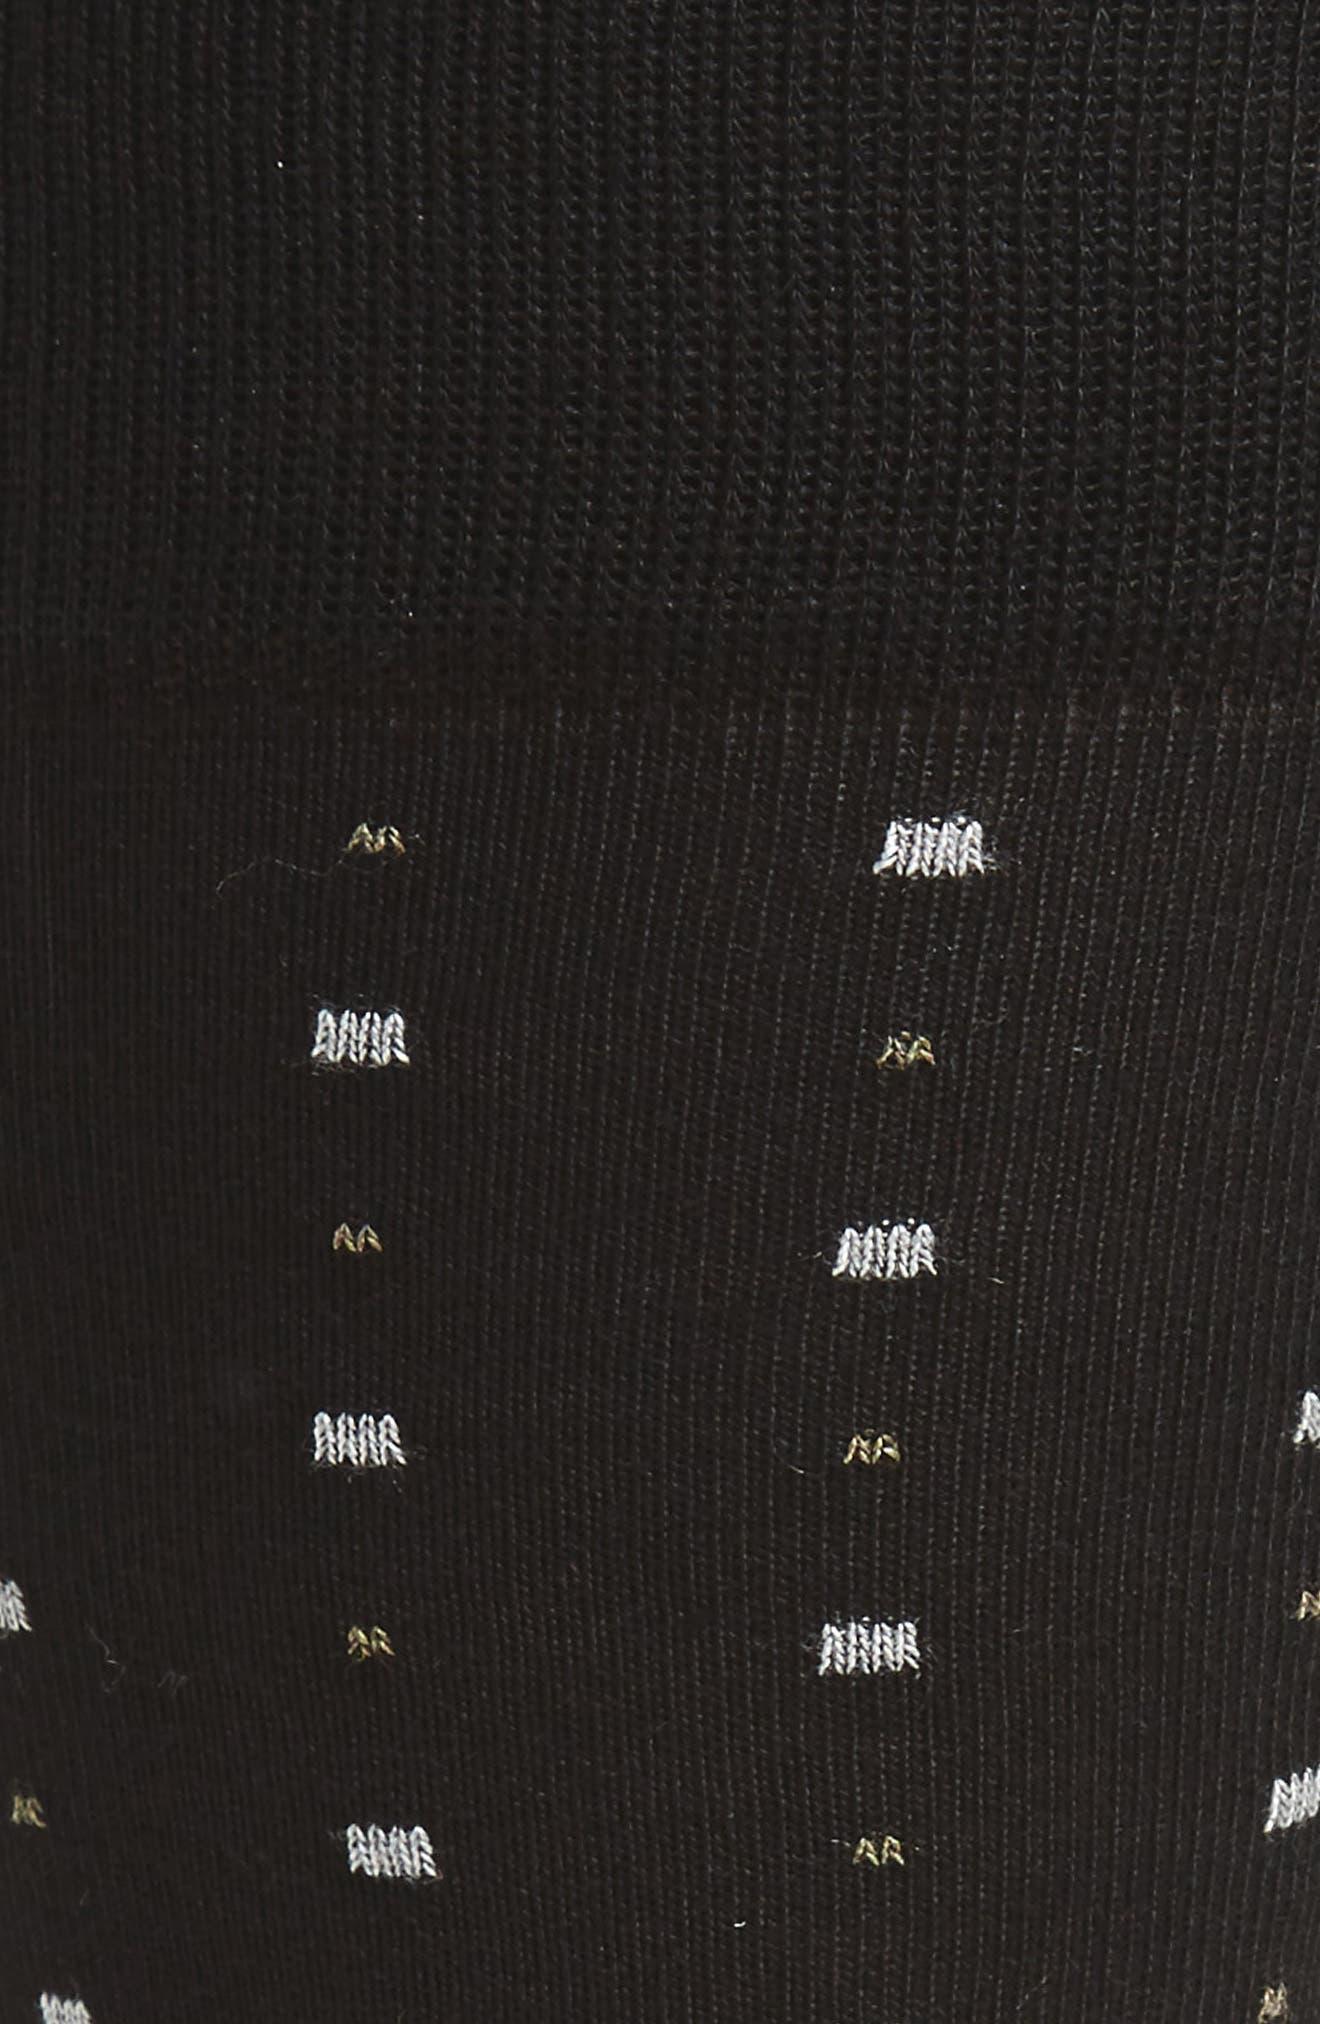 Box Dot Crew Socks,                             Alternate thumbnail 2, color,                             Black